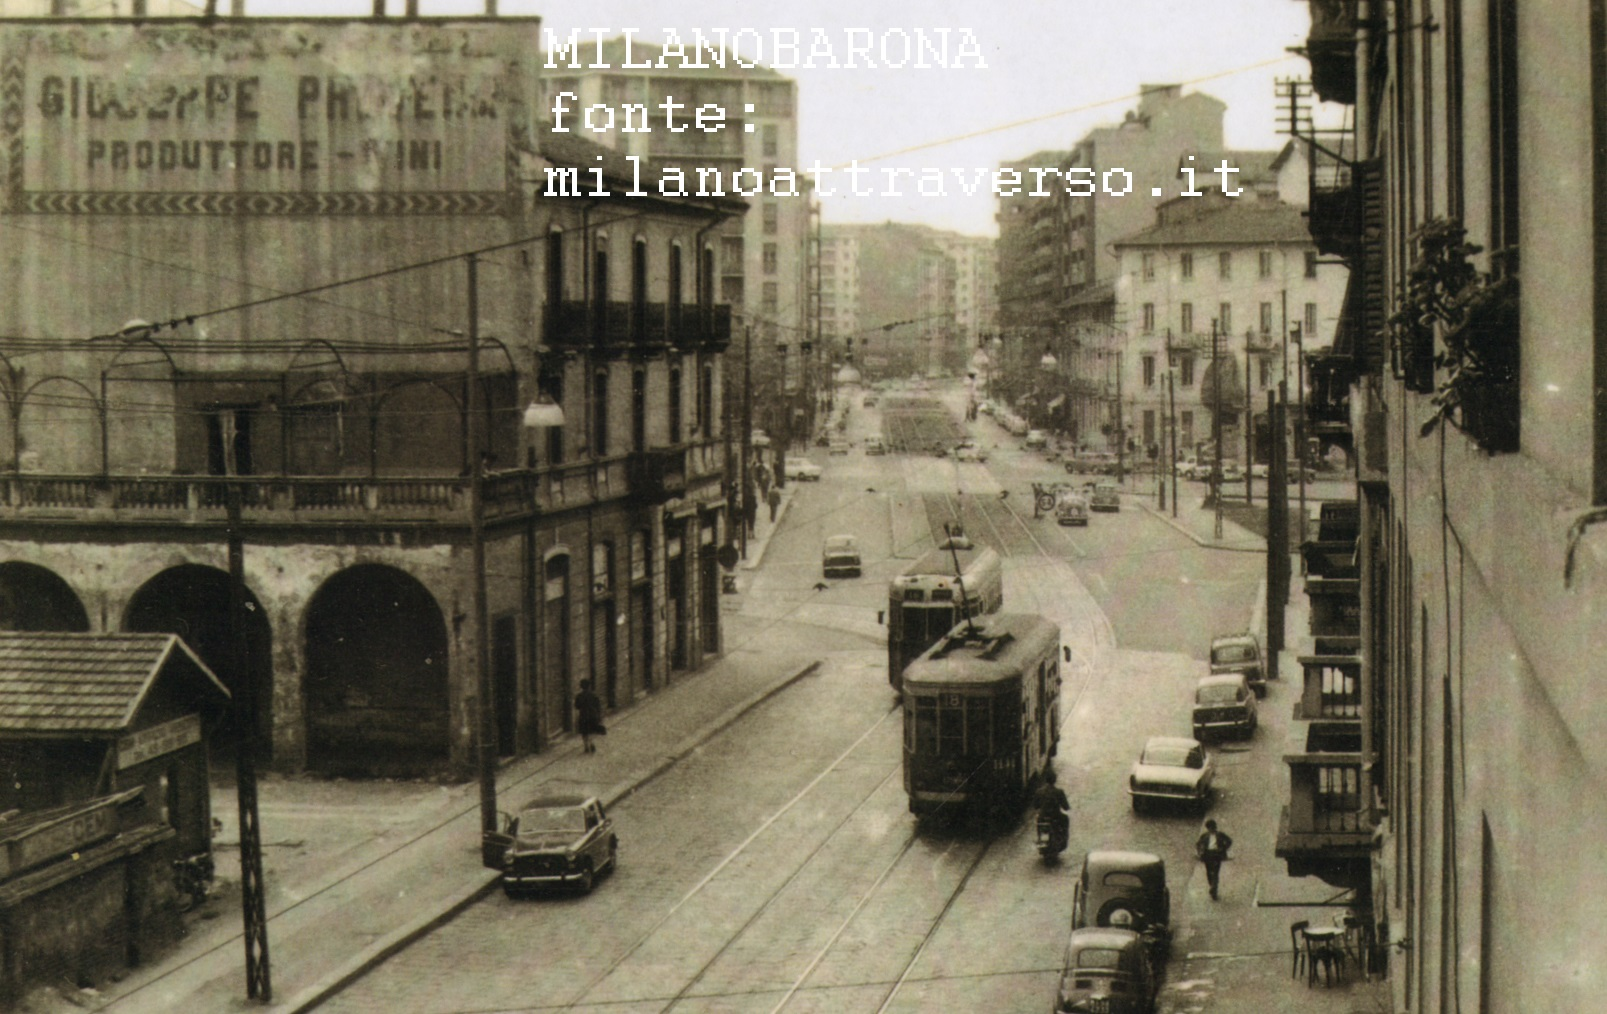 Milano primi anni '60, De Angeli. Via Rubens nella direzione di Via Rembrandt. (fonte milanoattraverso.it)